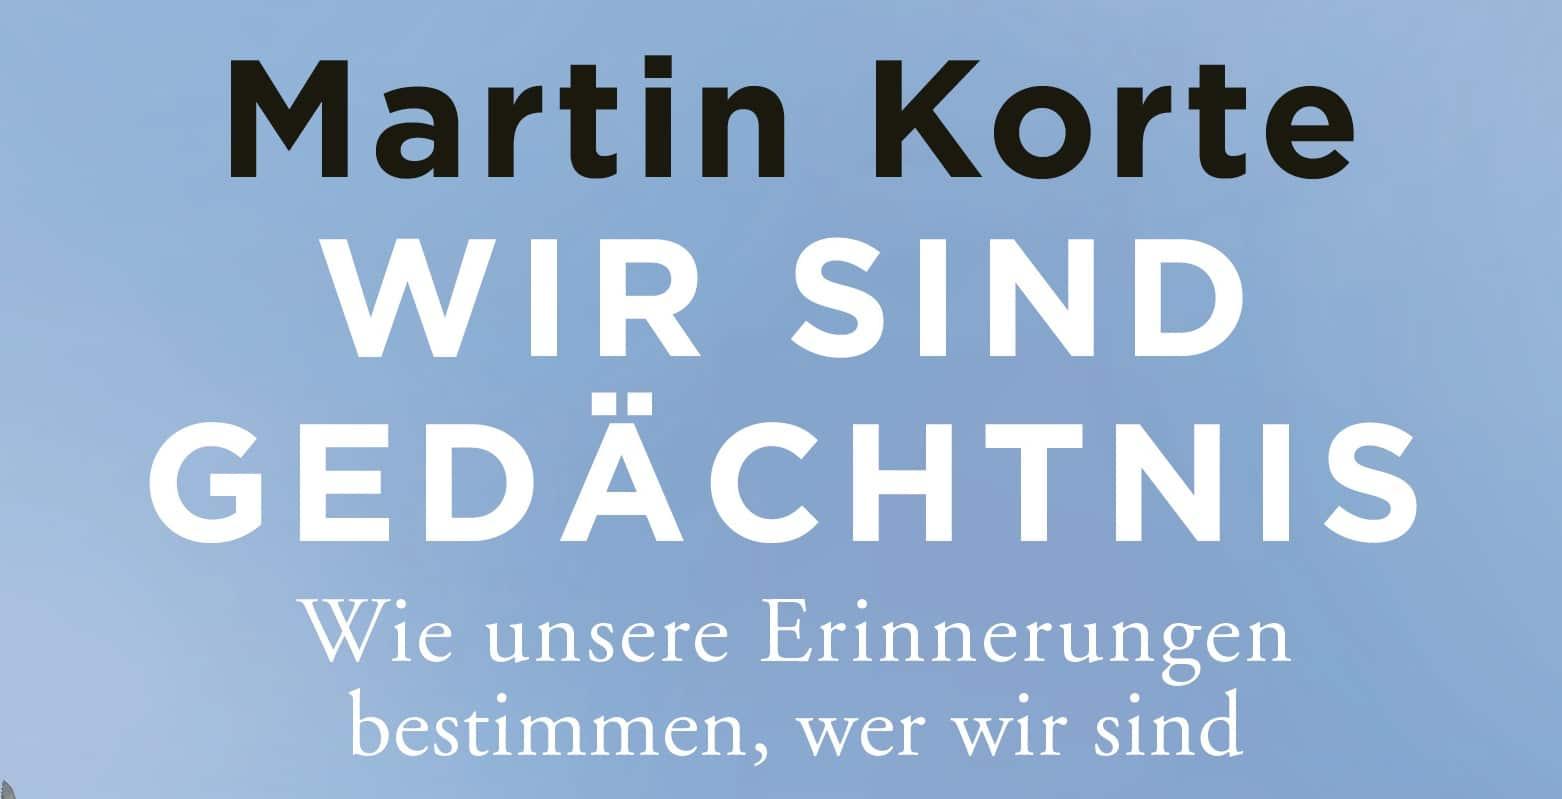 Wir sind Gedaechtnis von Martin Korte